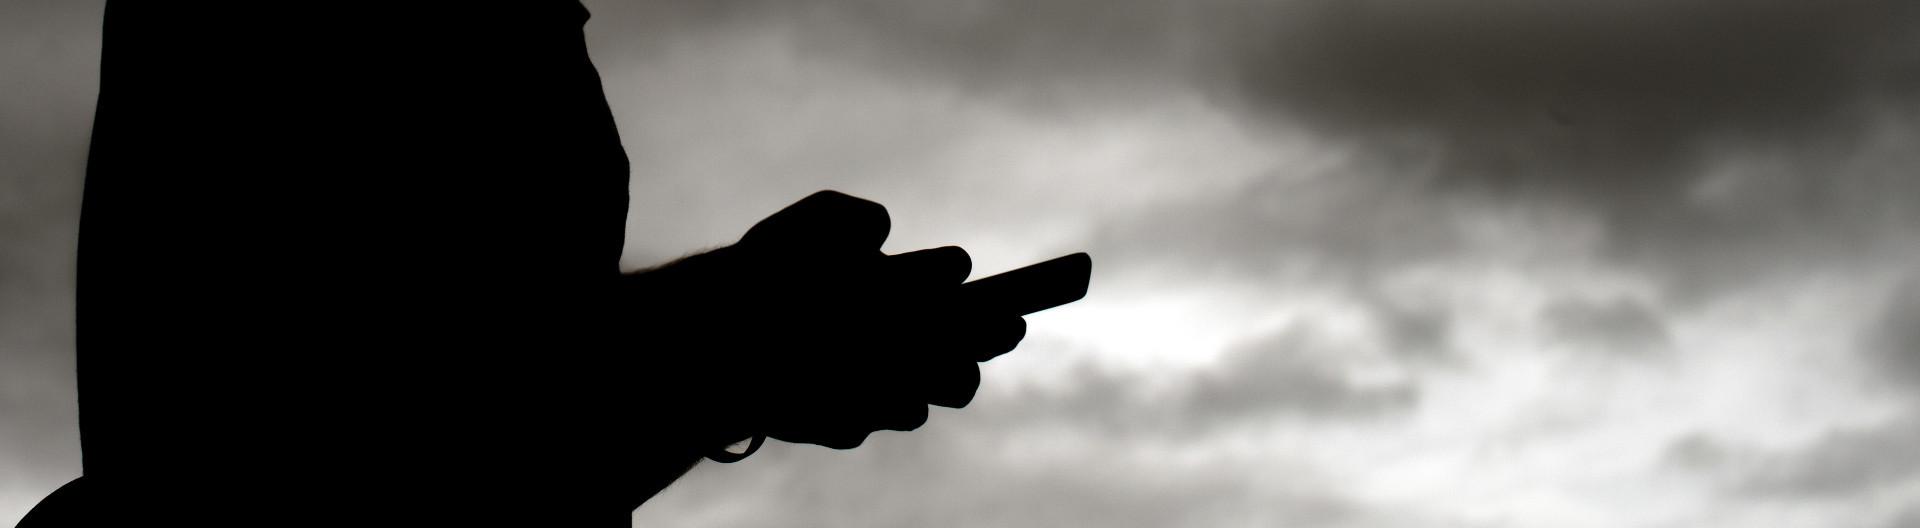 Schattenriss: Mann mit Smartphone vor dunklen Wolken